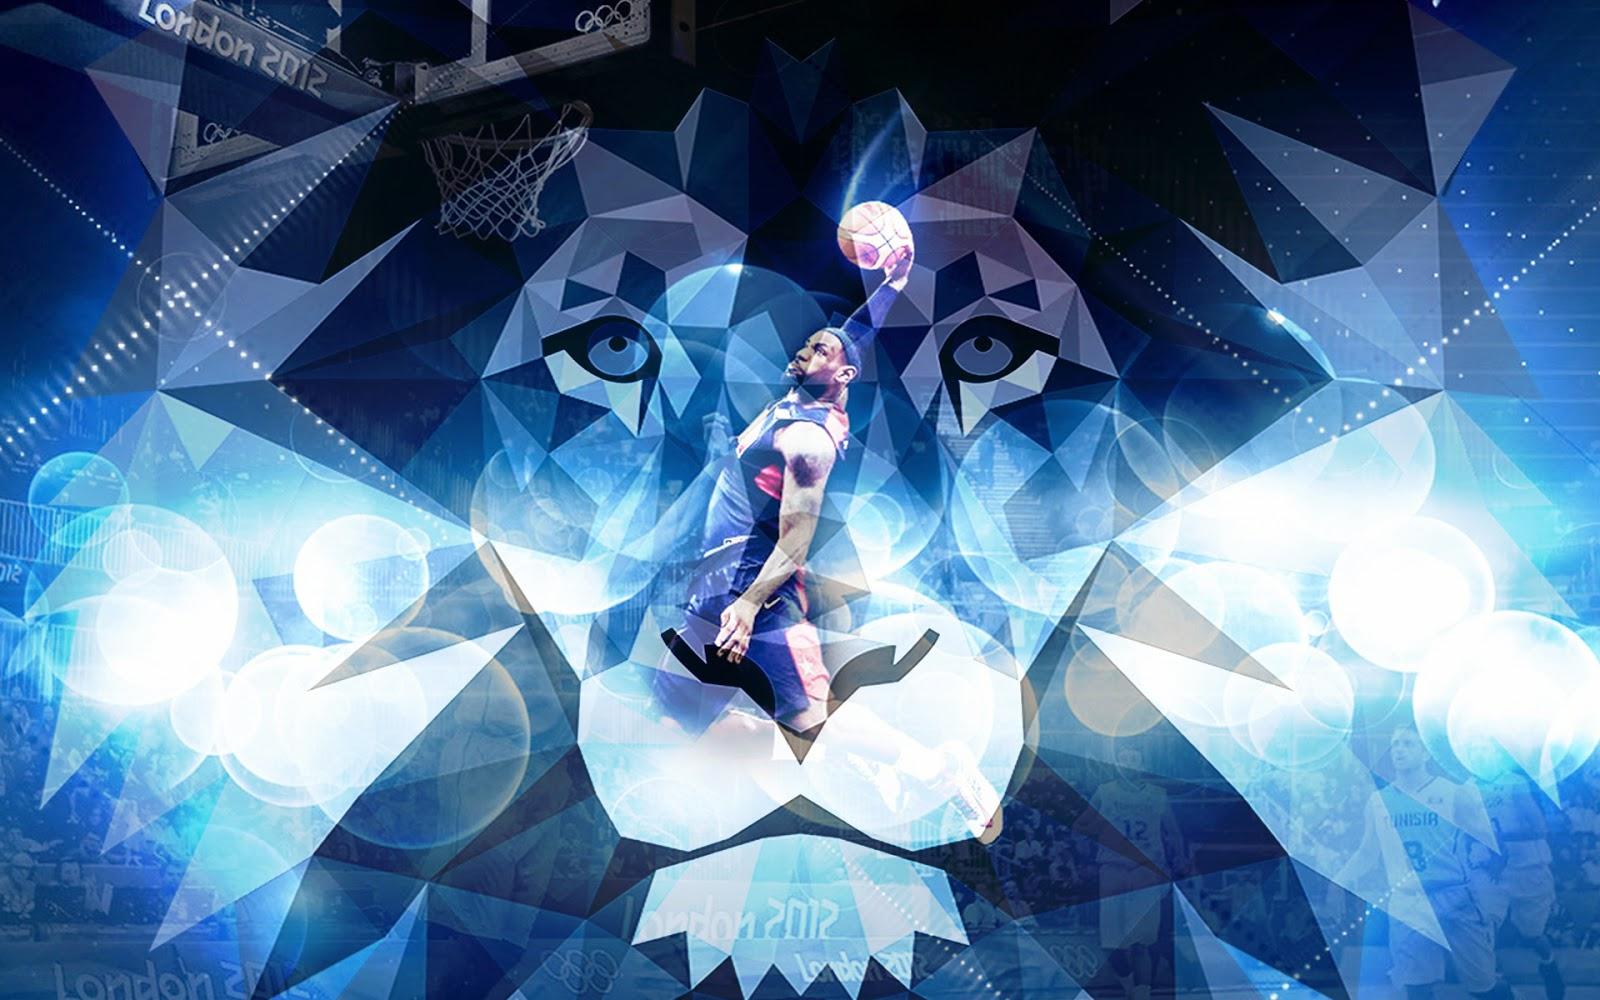 lebron james blue crown logo